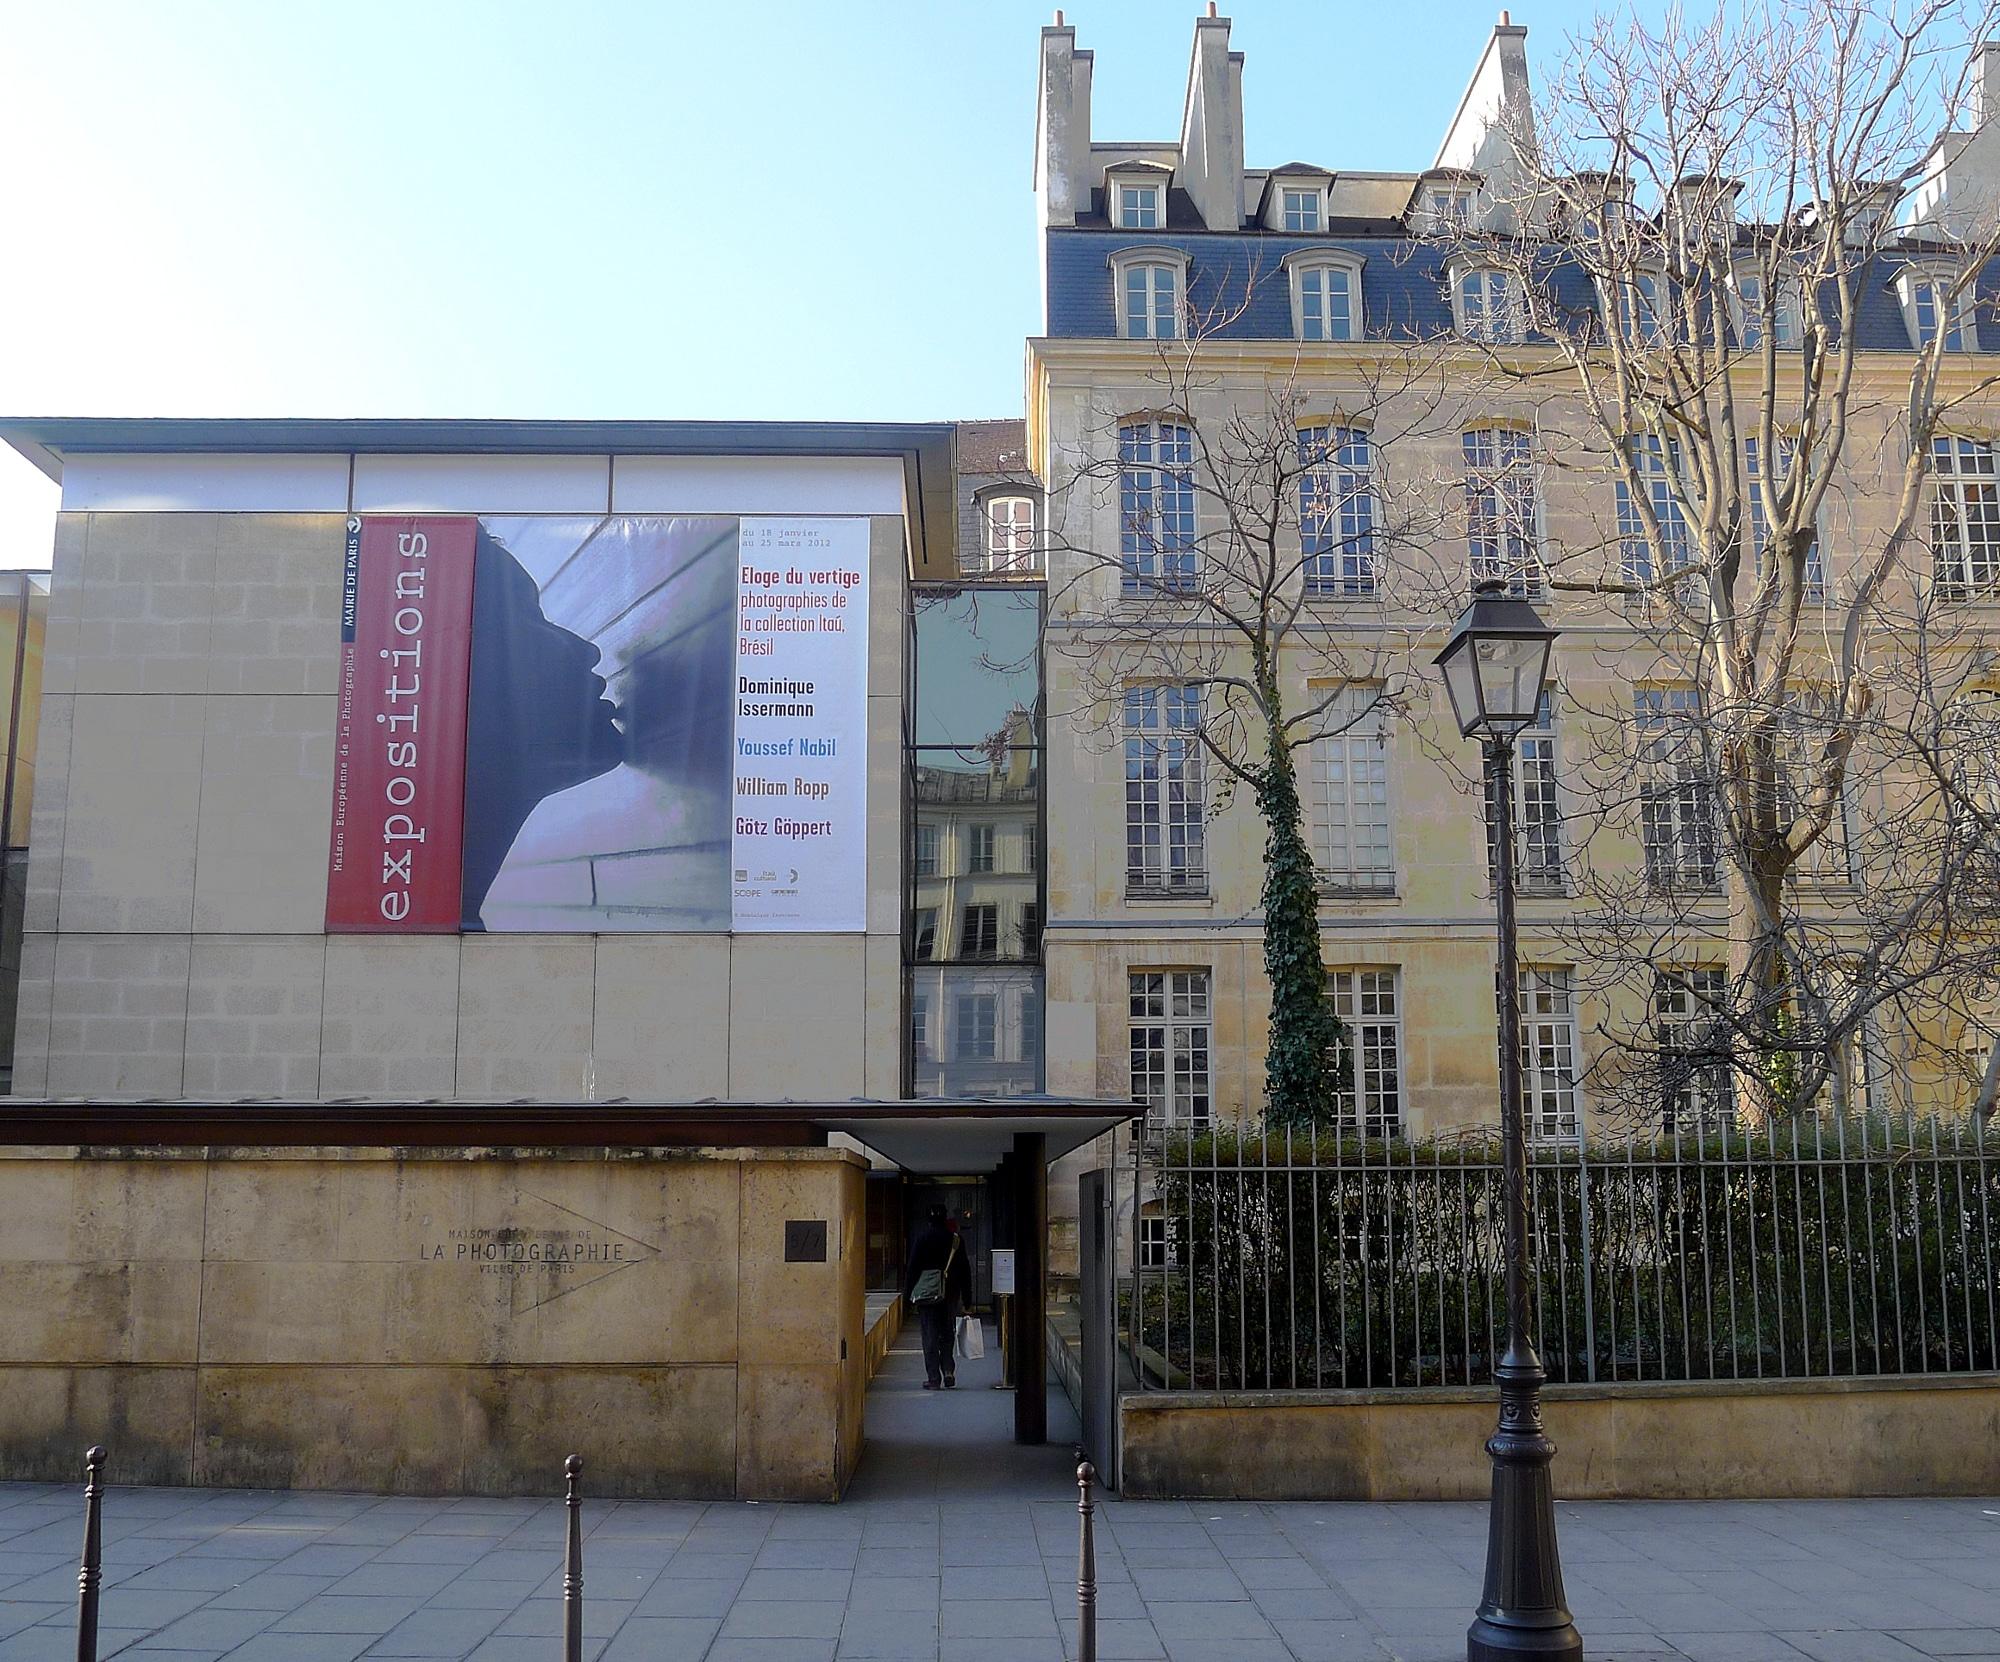 Exterior de la Maison Européenne de la Photographie